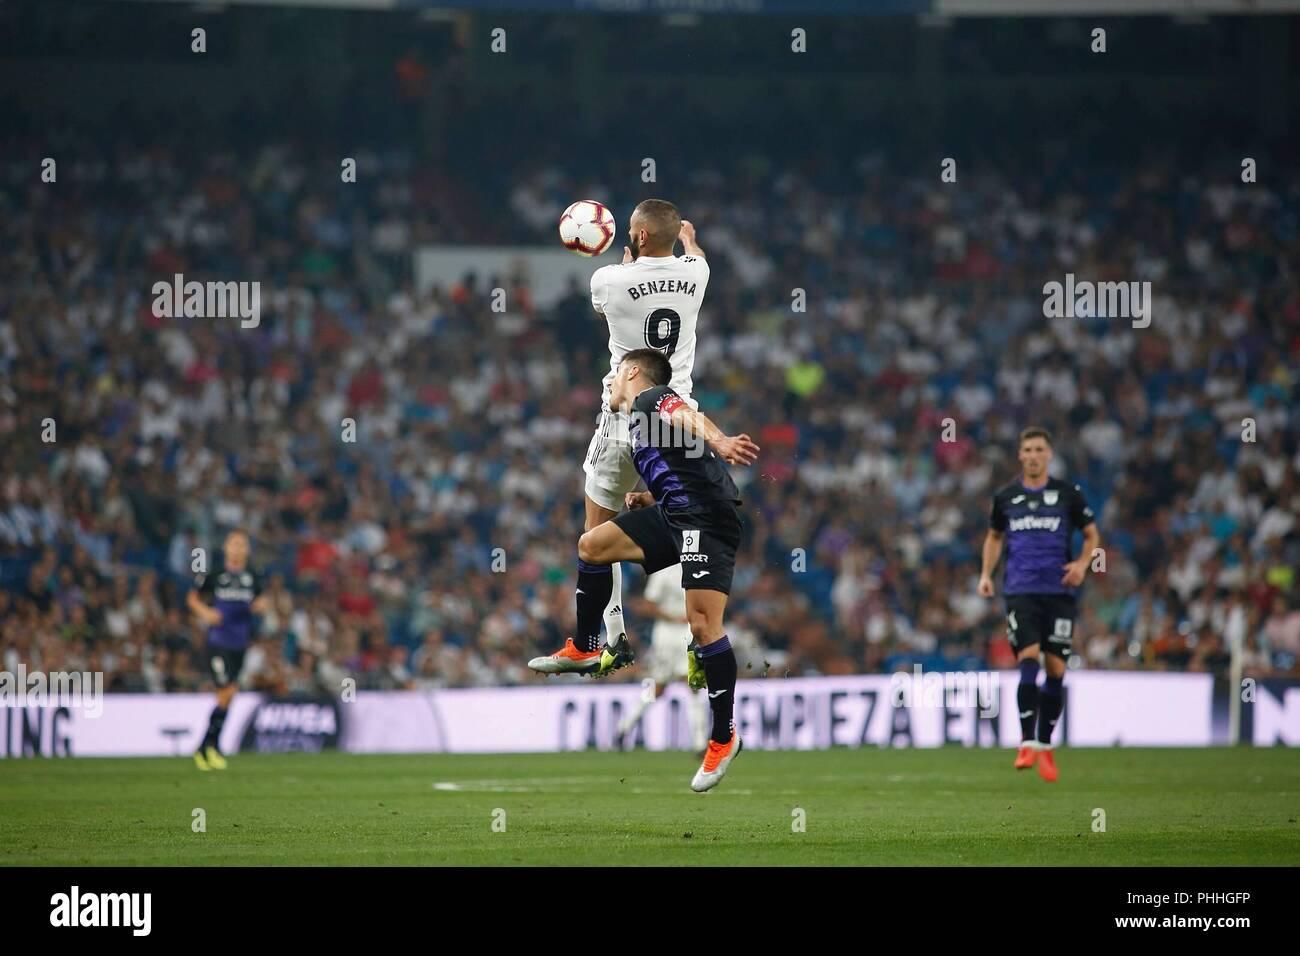 Madrid, Spain. 1th September 2018: Bemzema, forward from Real  Madrid CF, during  LaLiga Santander round 3 against CD Leganes at  Santiago Bernabeu. (Photo by: Ivan Abanades Medina / Cordon Press).   Cordon Press - Stock Image